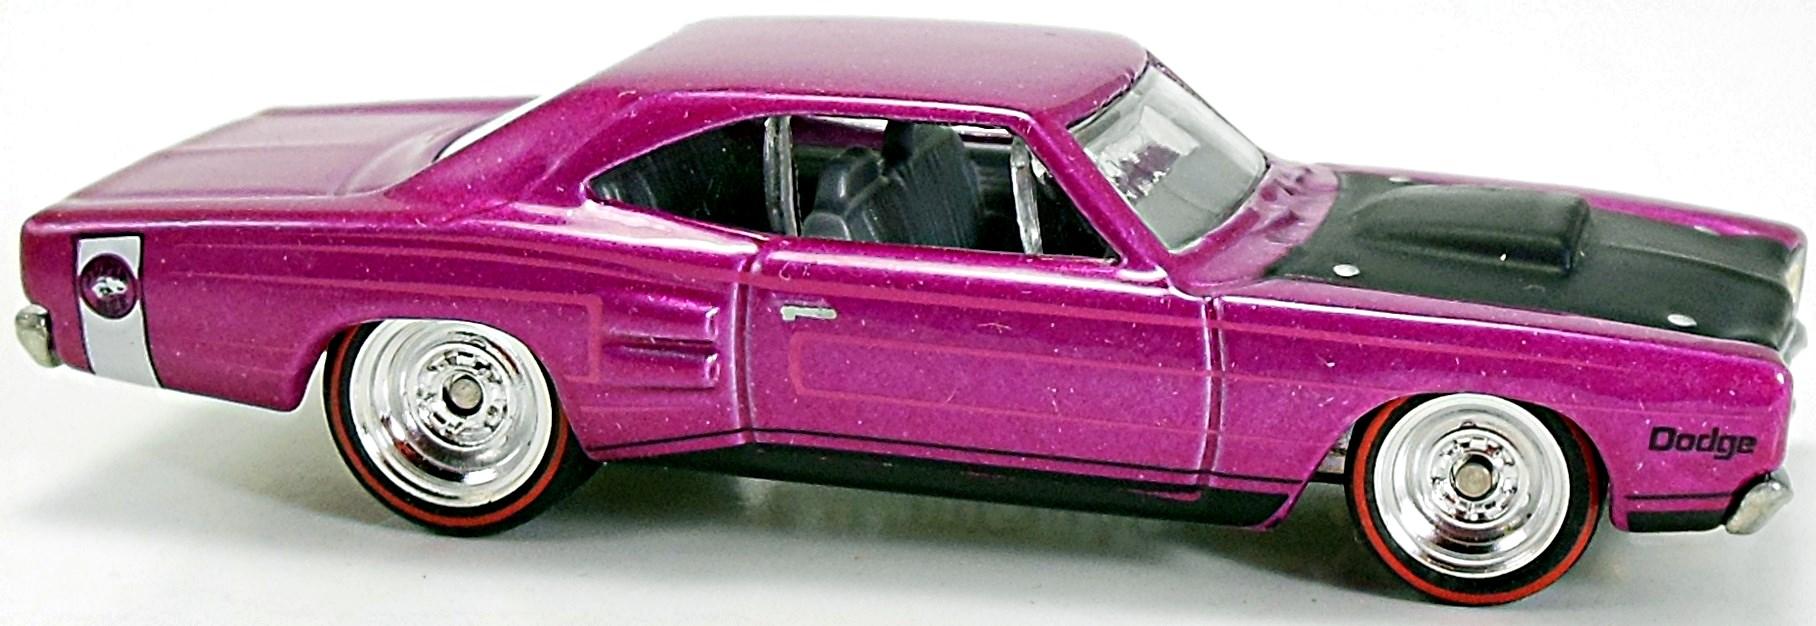 39 69 dodge coronet superbee 78mm 2008 hot wheels. Black Bedroom Furniture Sets. Home Design Ideas